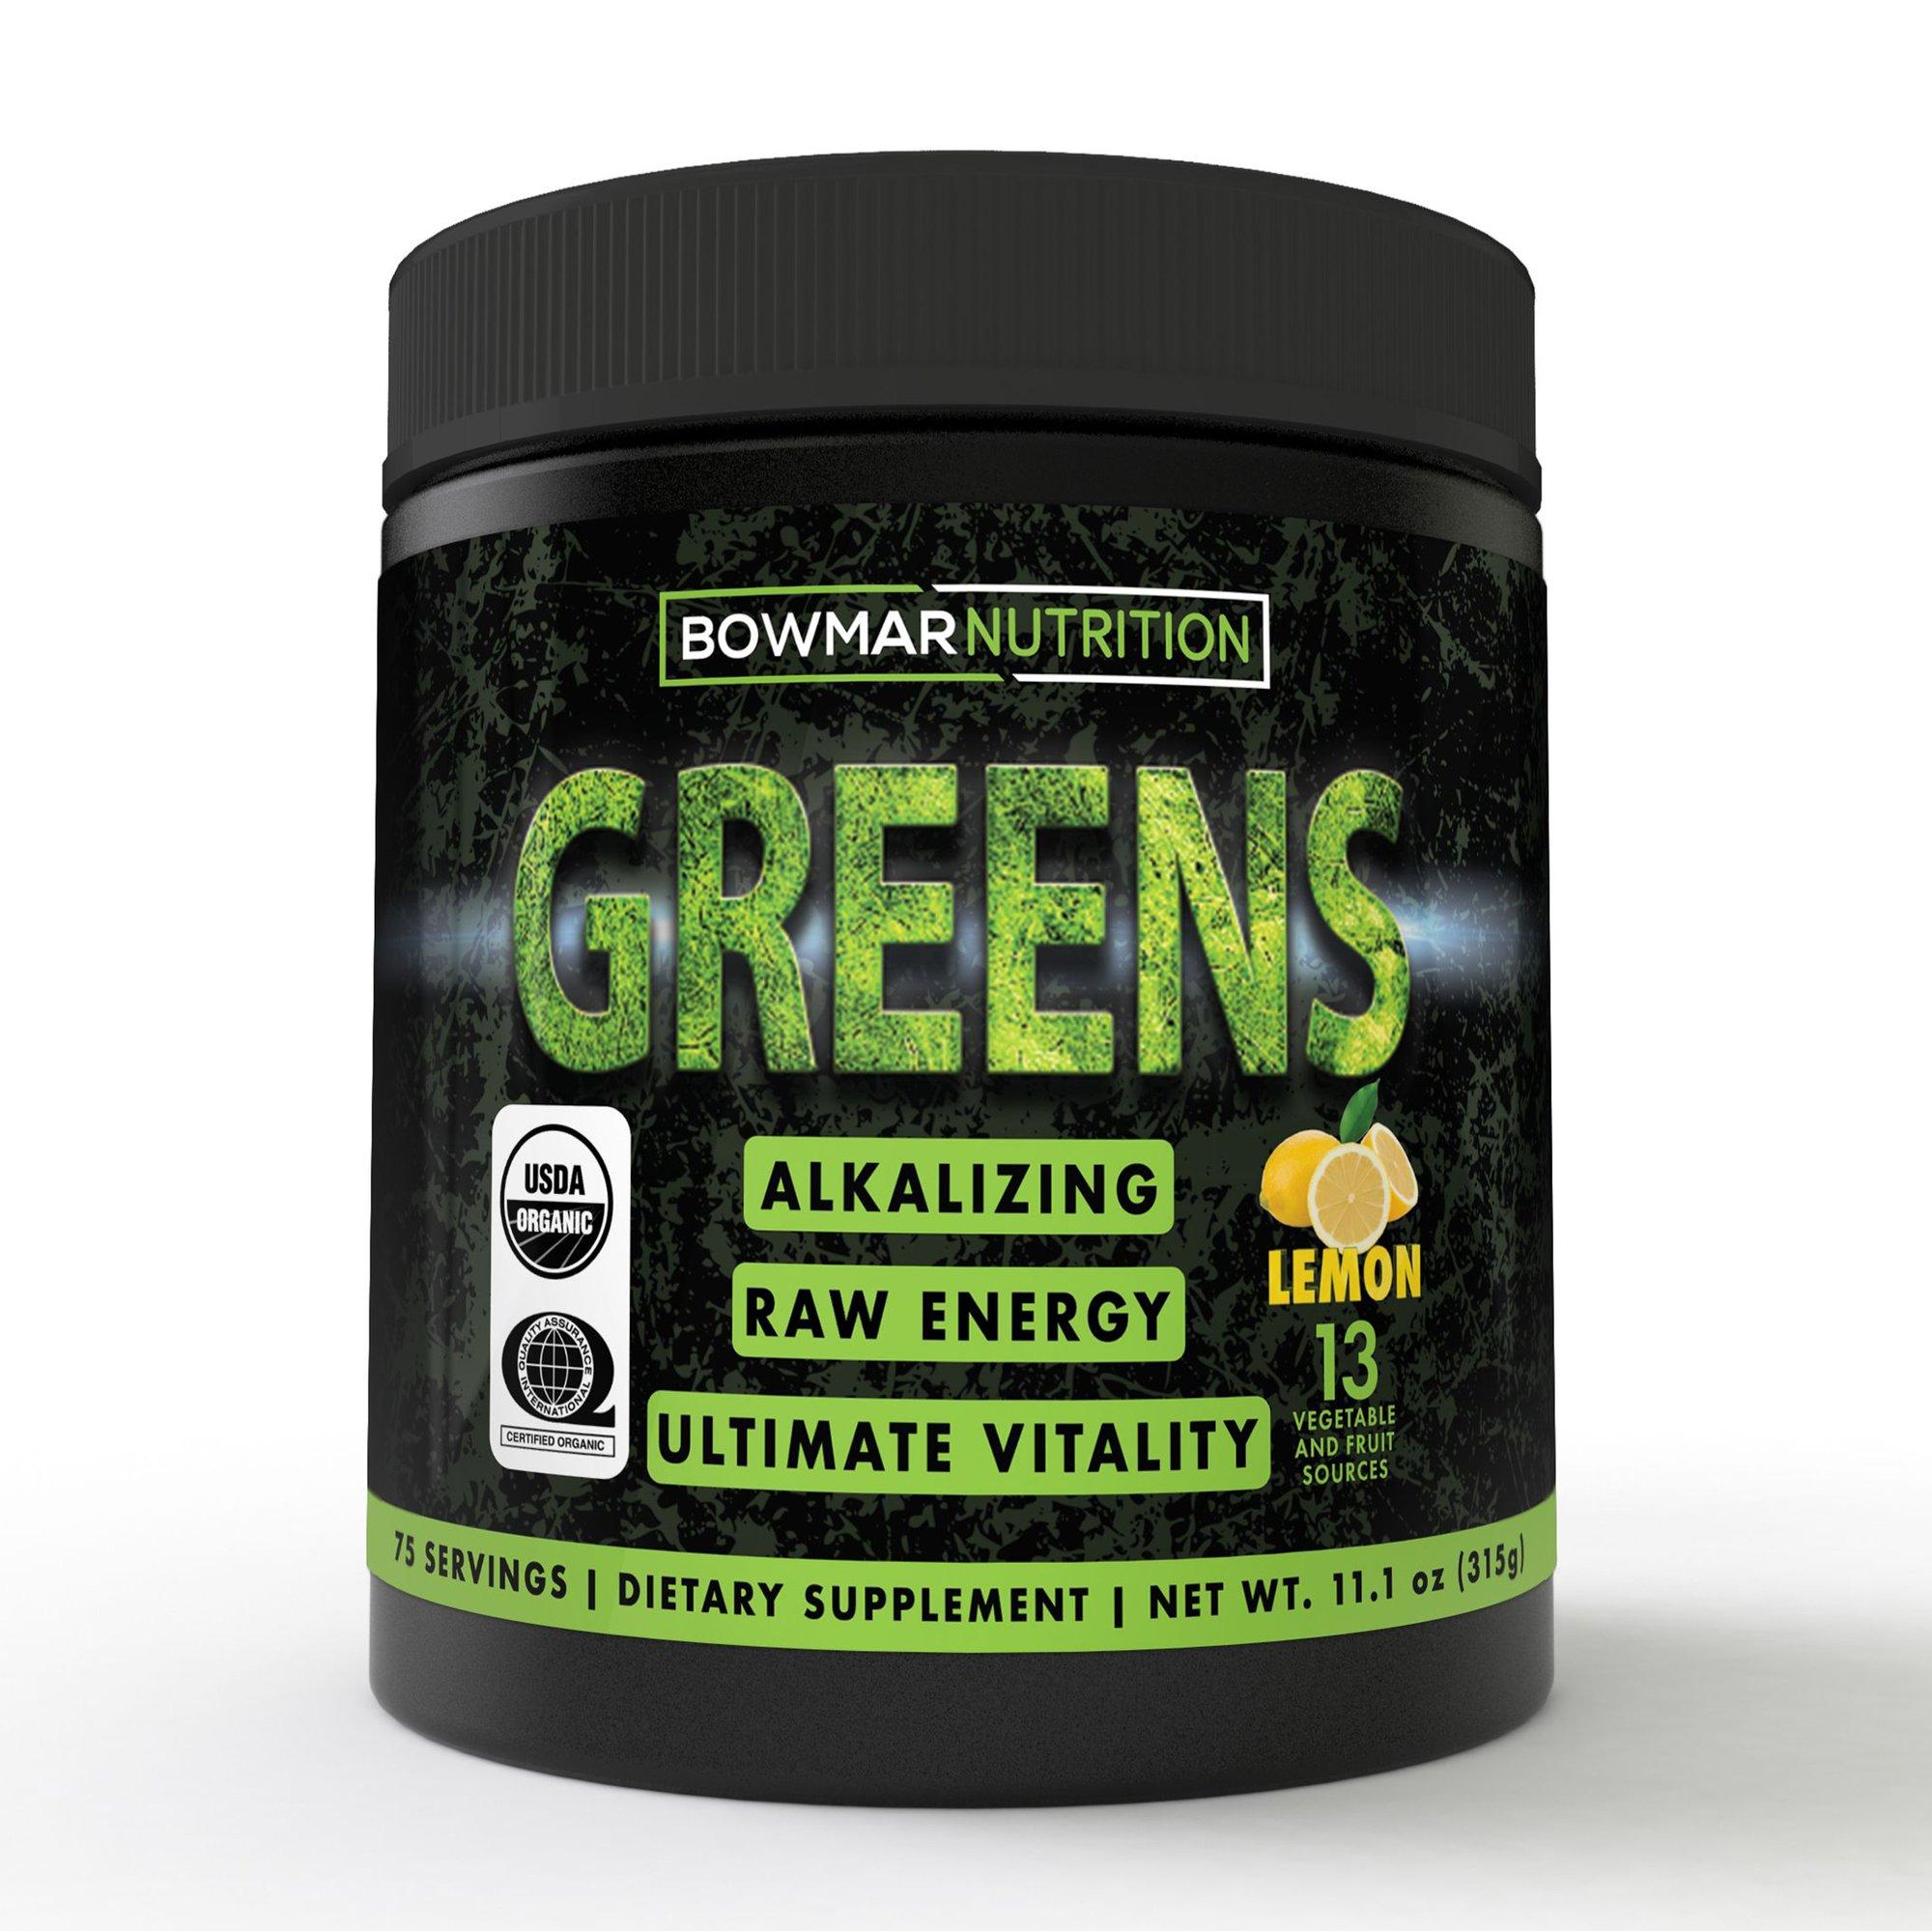 bowmar nutrition greens powder